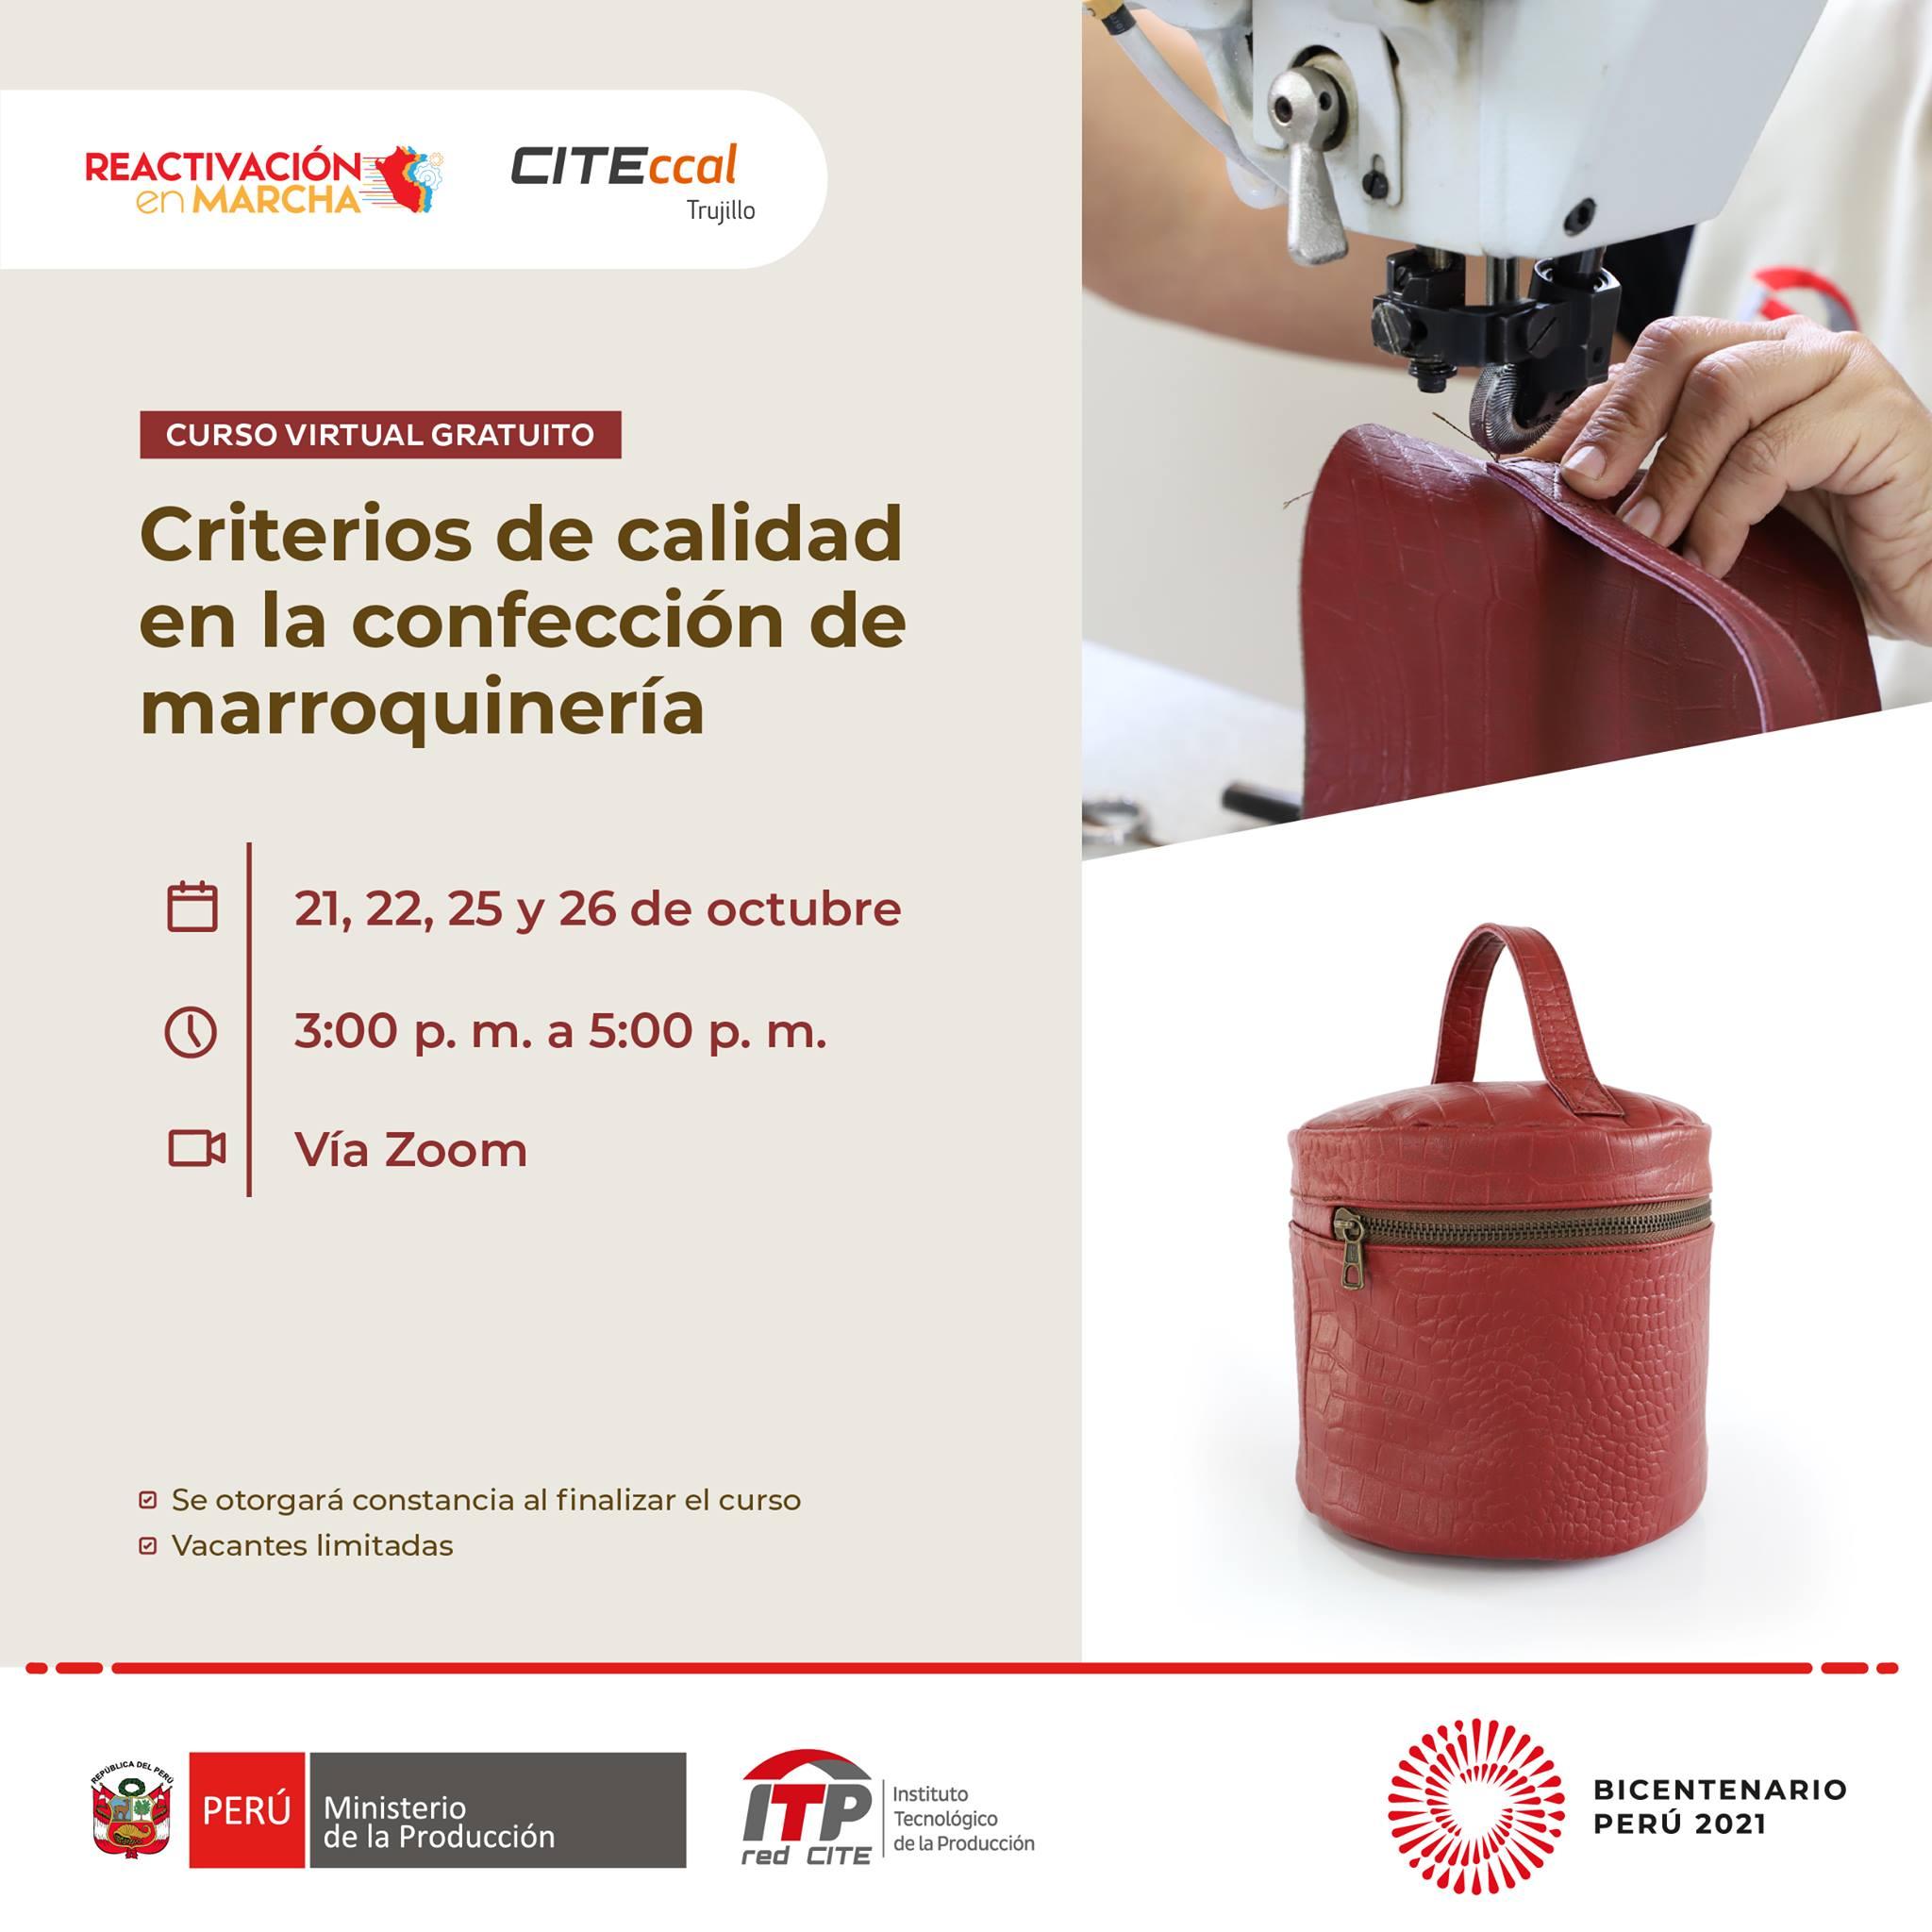 Criterios de calidad en la confección de marroquinería